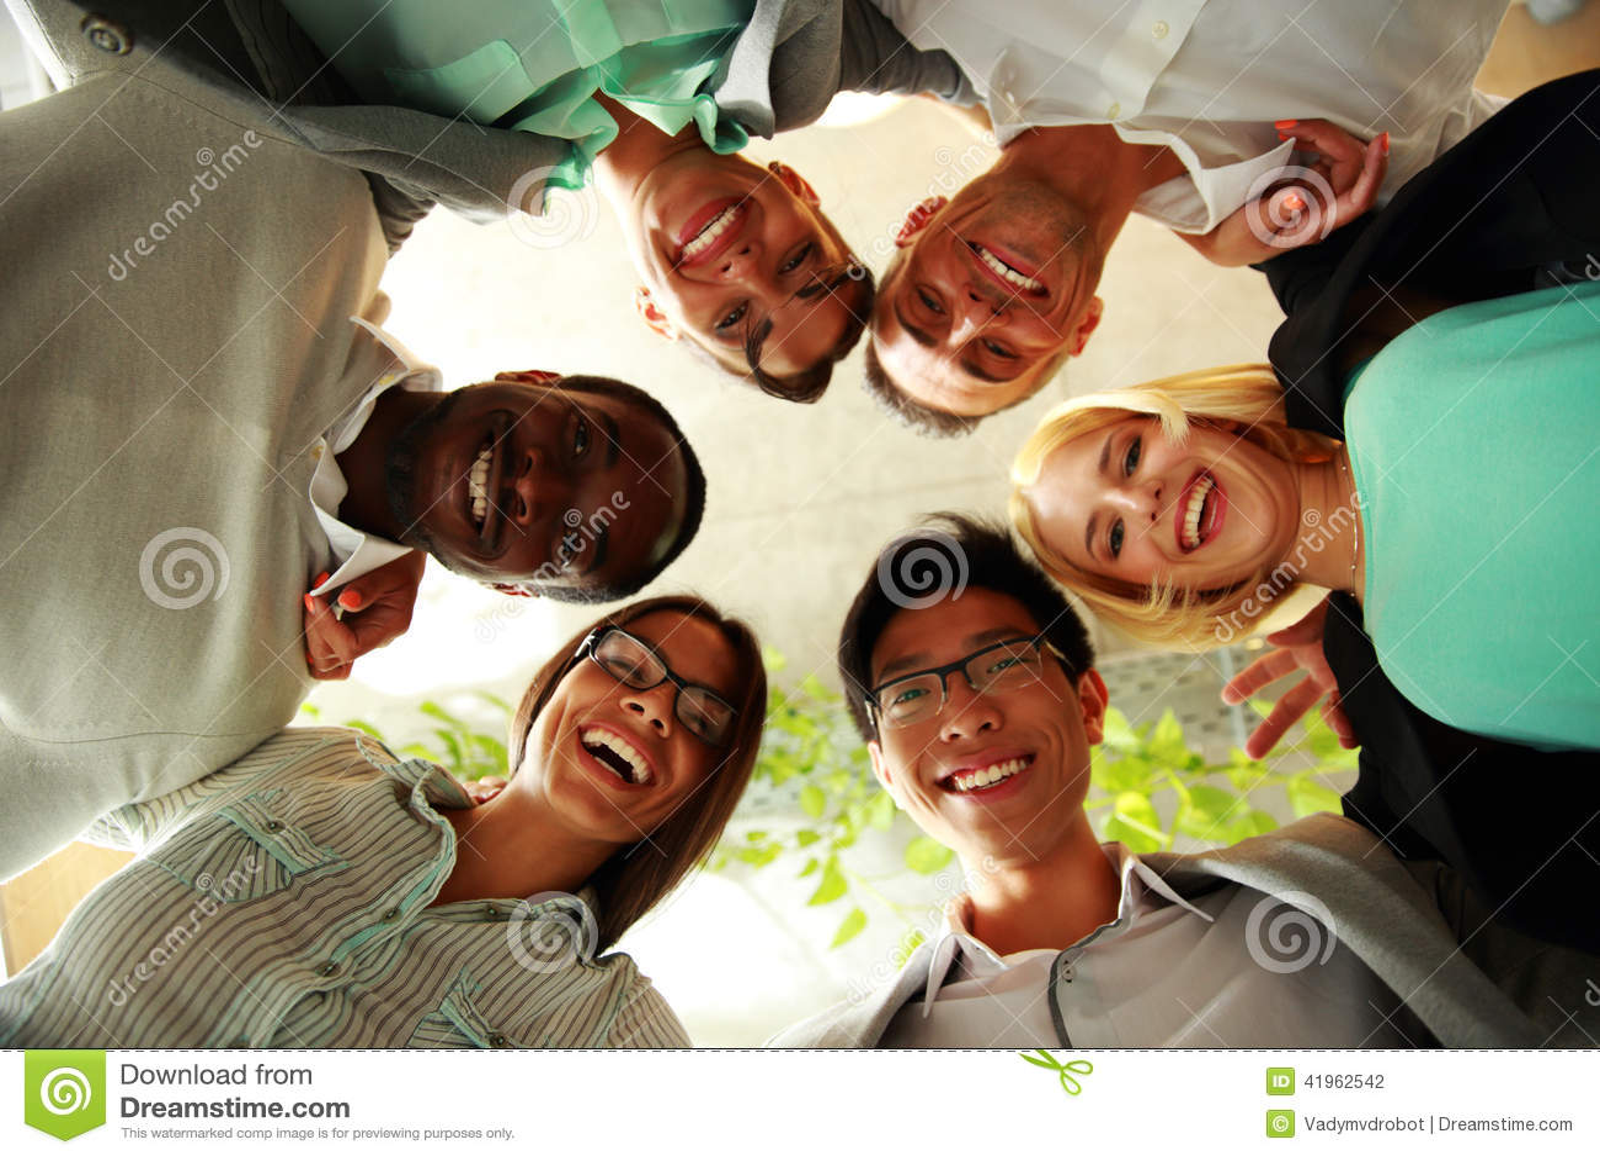 Ευτυχείς επιχειρηματίες με τα κεφάλια τους από κοινού